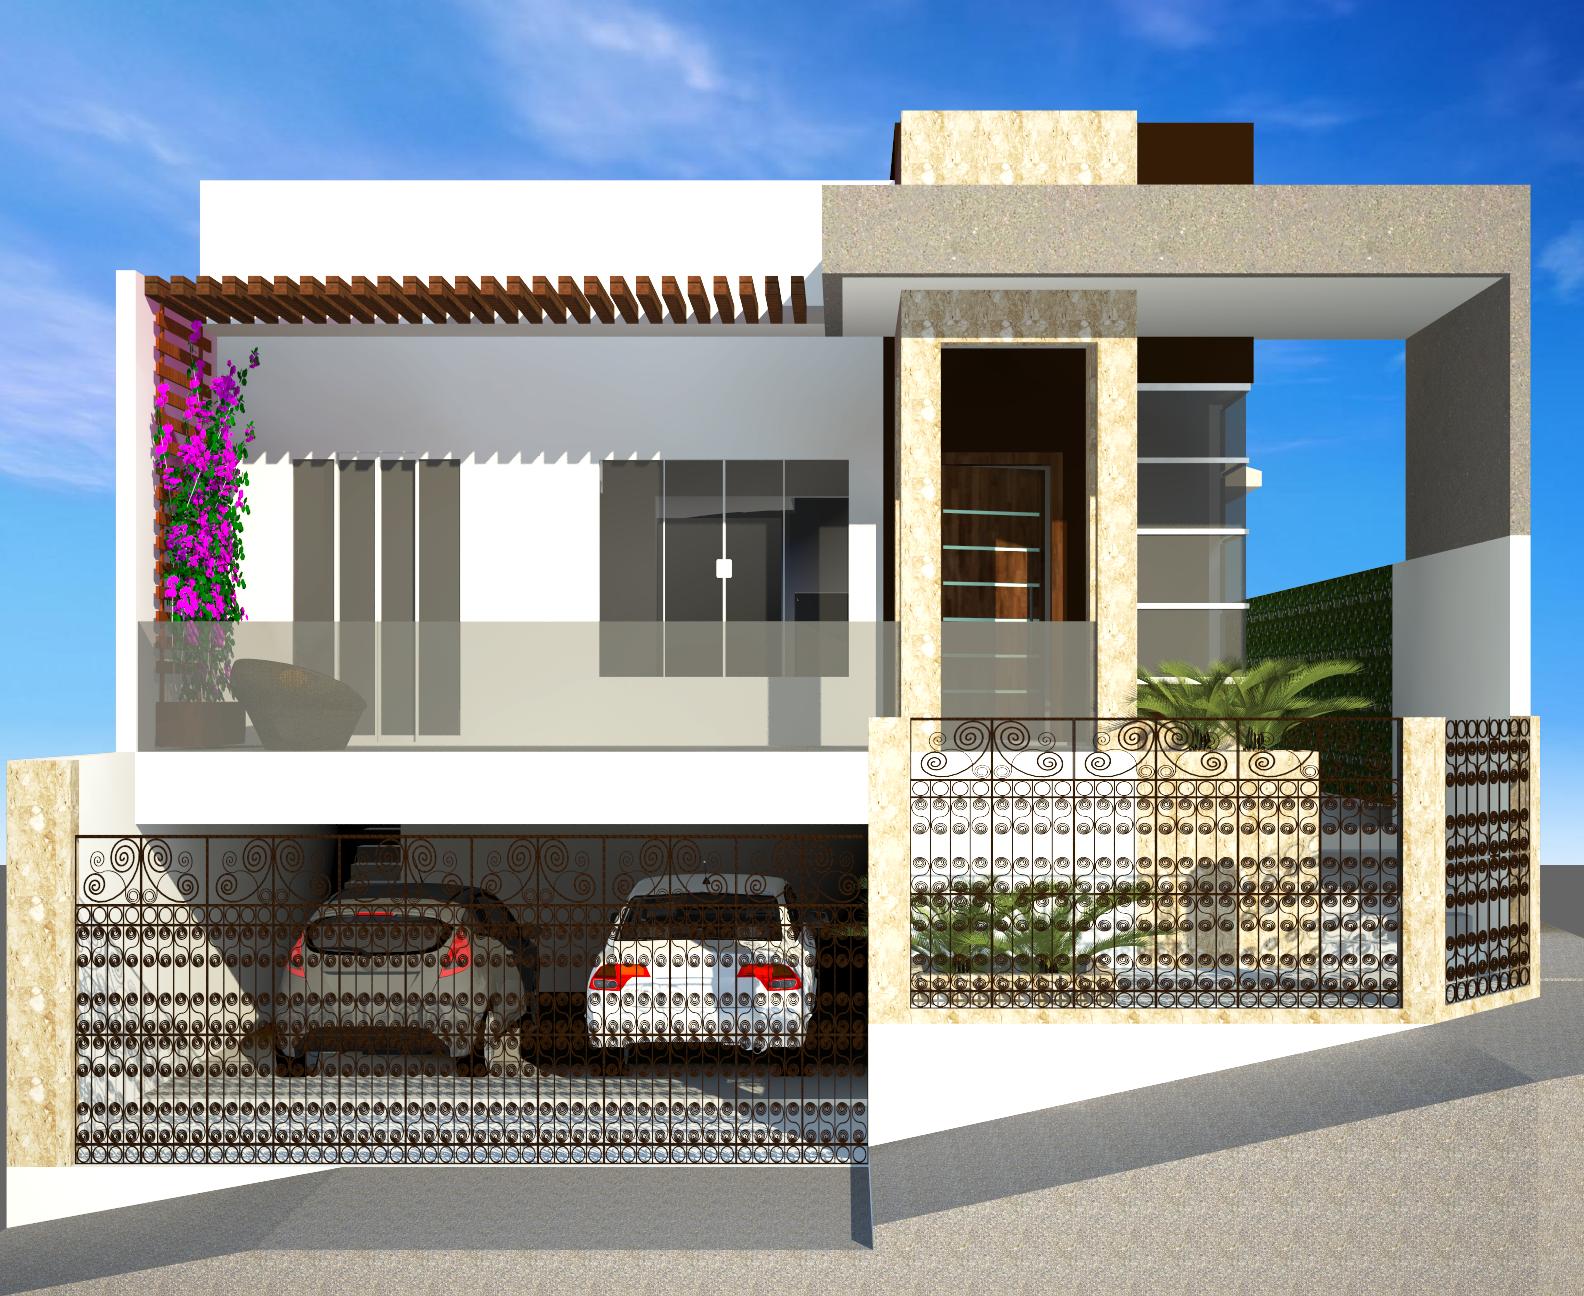 Fachadas de casas modernas de 2 plantas alojamiento de for Modelos de casas minimalistas de dos plantas